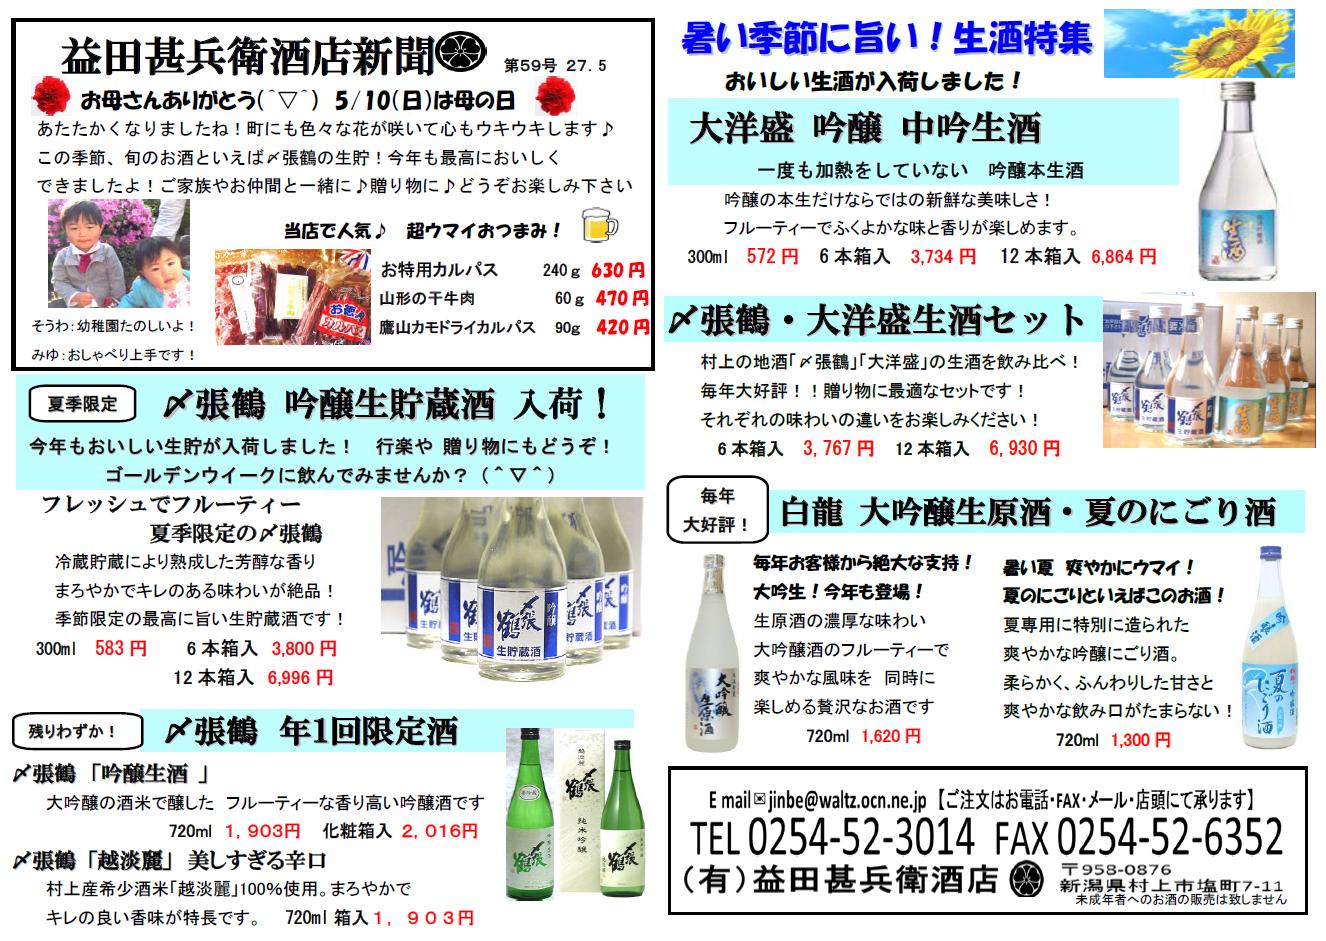 2015.5 新聞 表